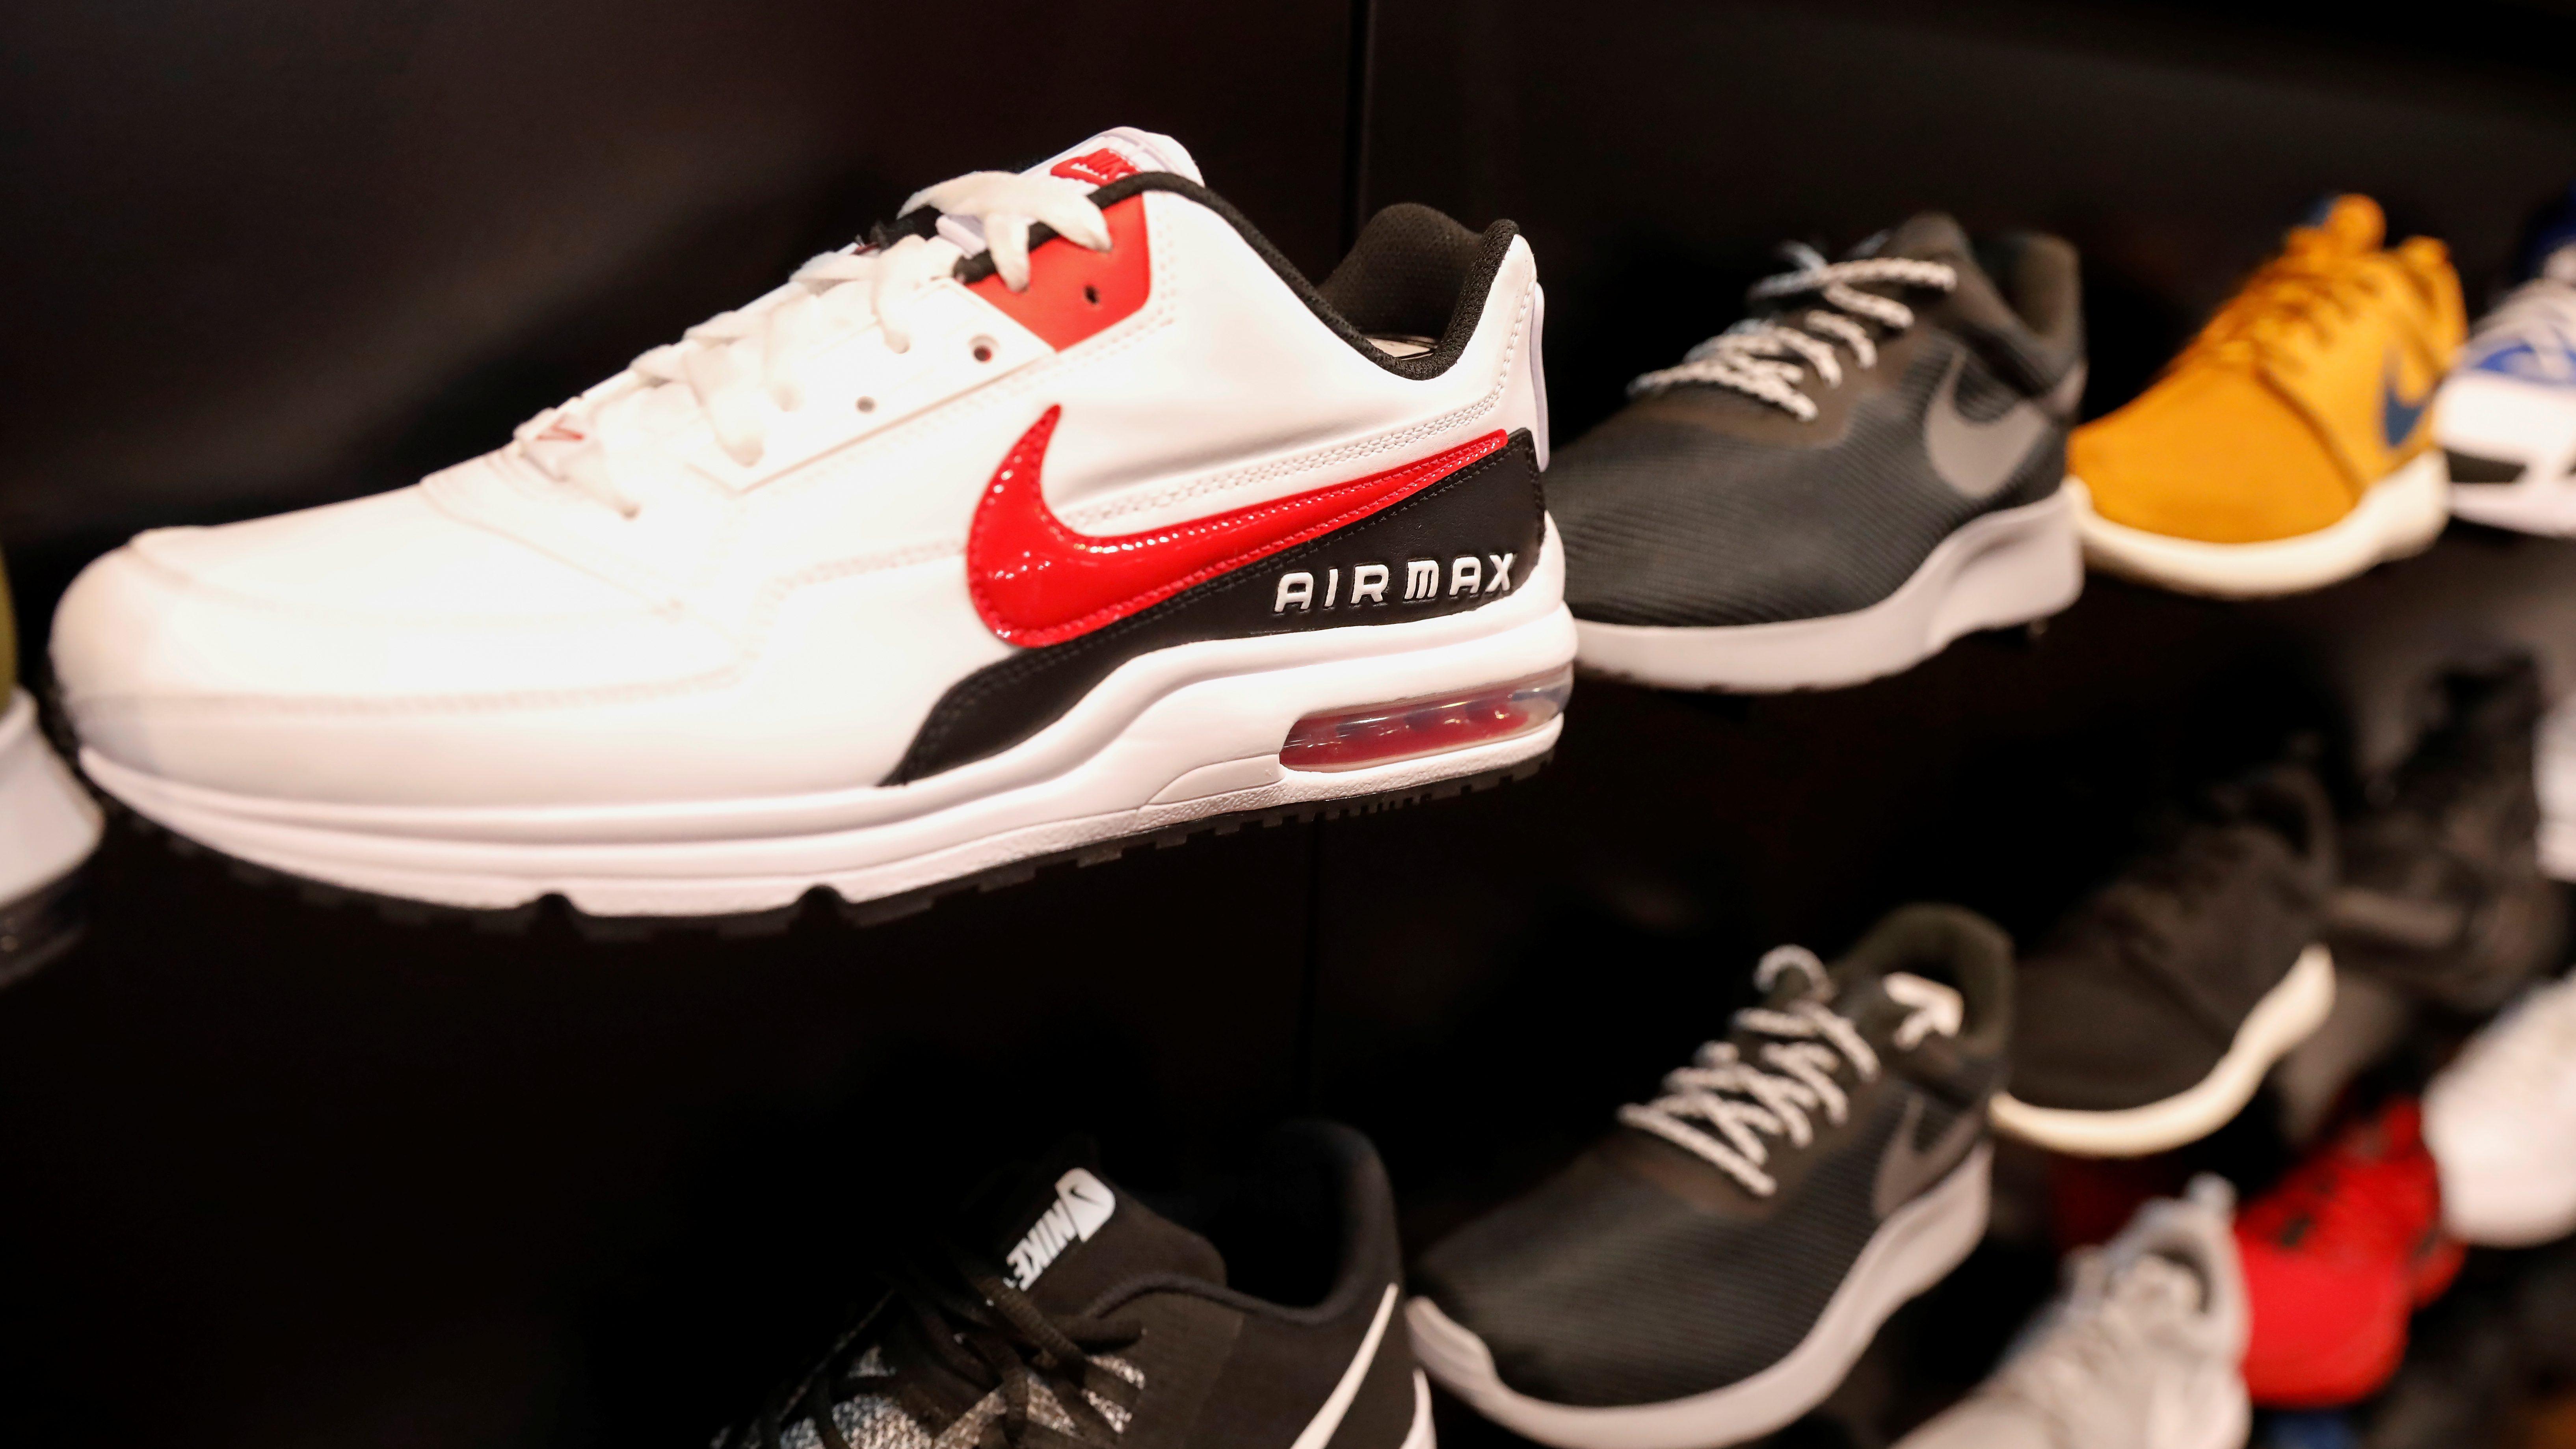 aldo first copy shoes